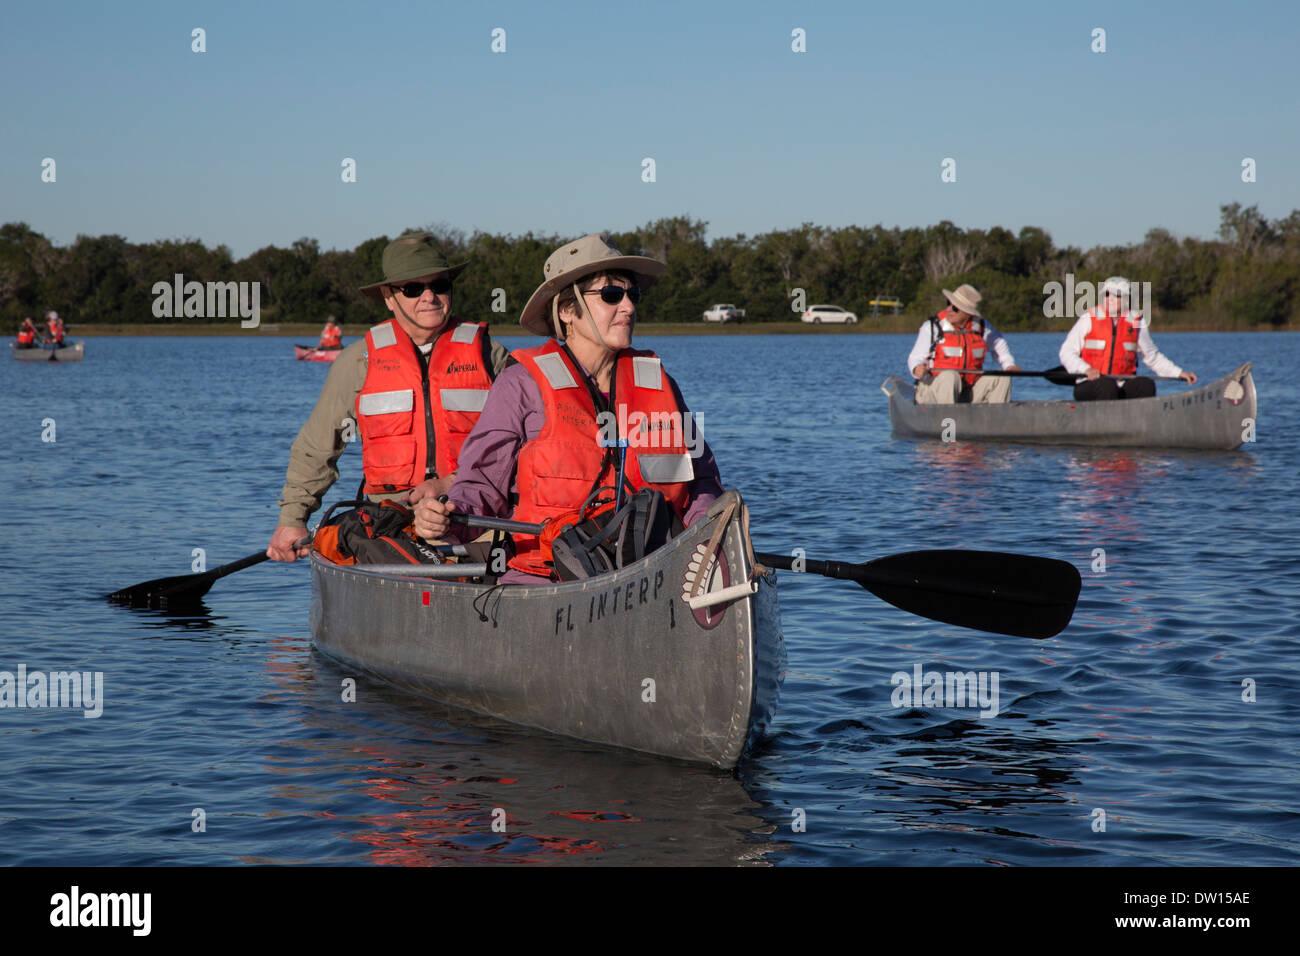 Parco nazionale delle Everglades, Florida - Visitatori paddle canoe su un viaggio guidato da un ranger del parco. Immagini Stock